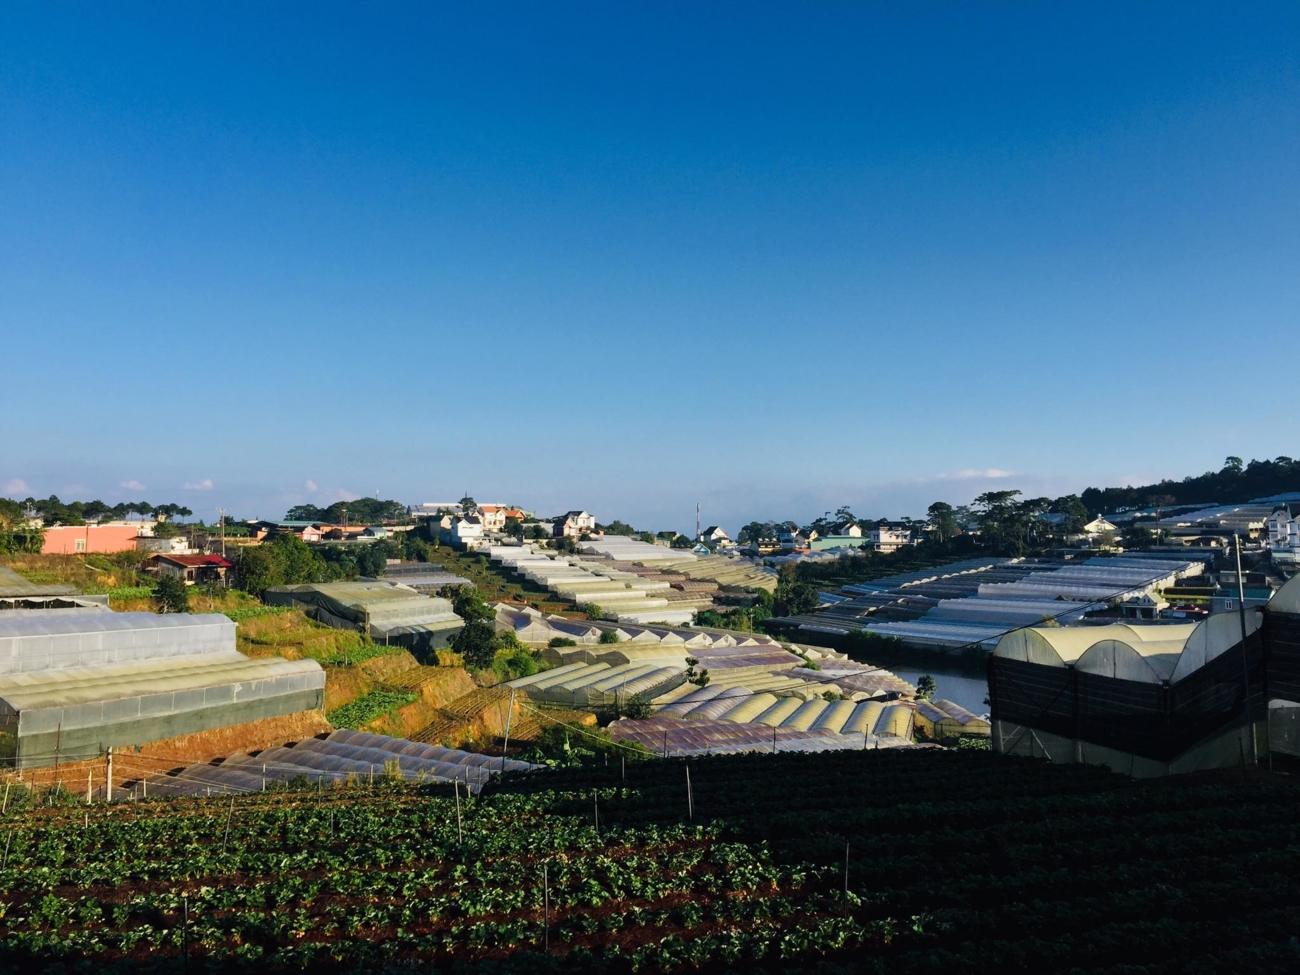 Khung cảnh Đà Lạt nhìn từ ngôi nhà.